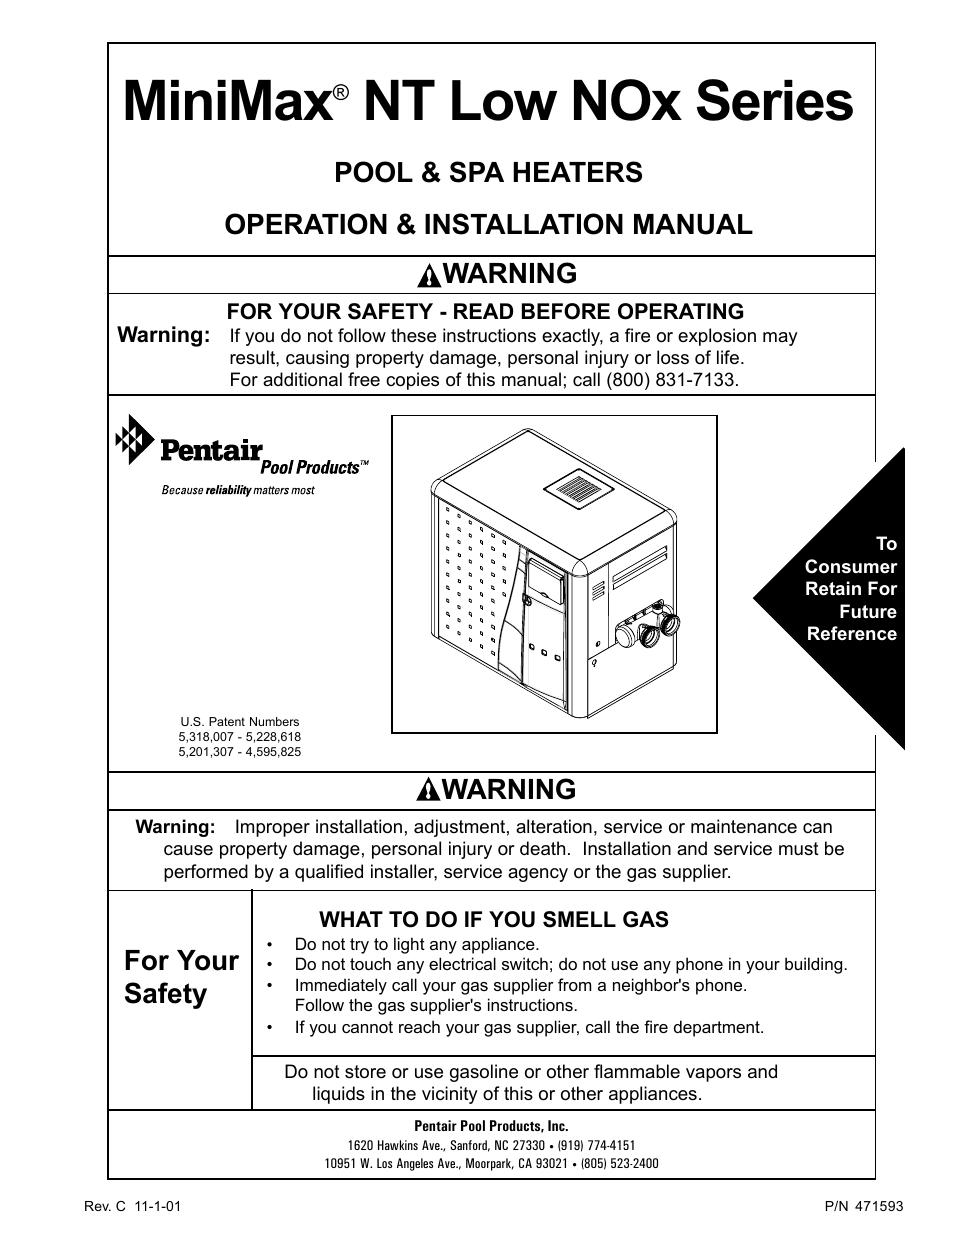 Pentair Minimax 250 User Manual